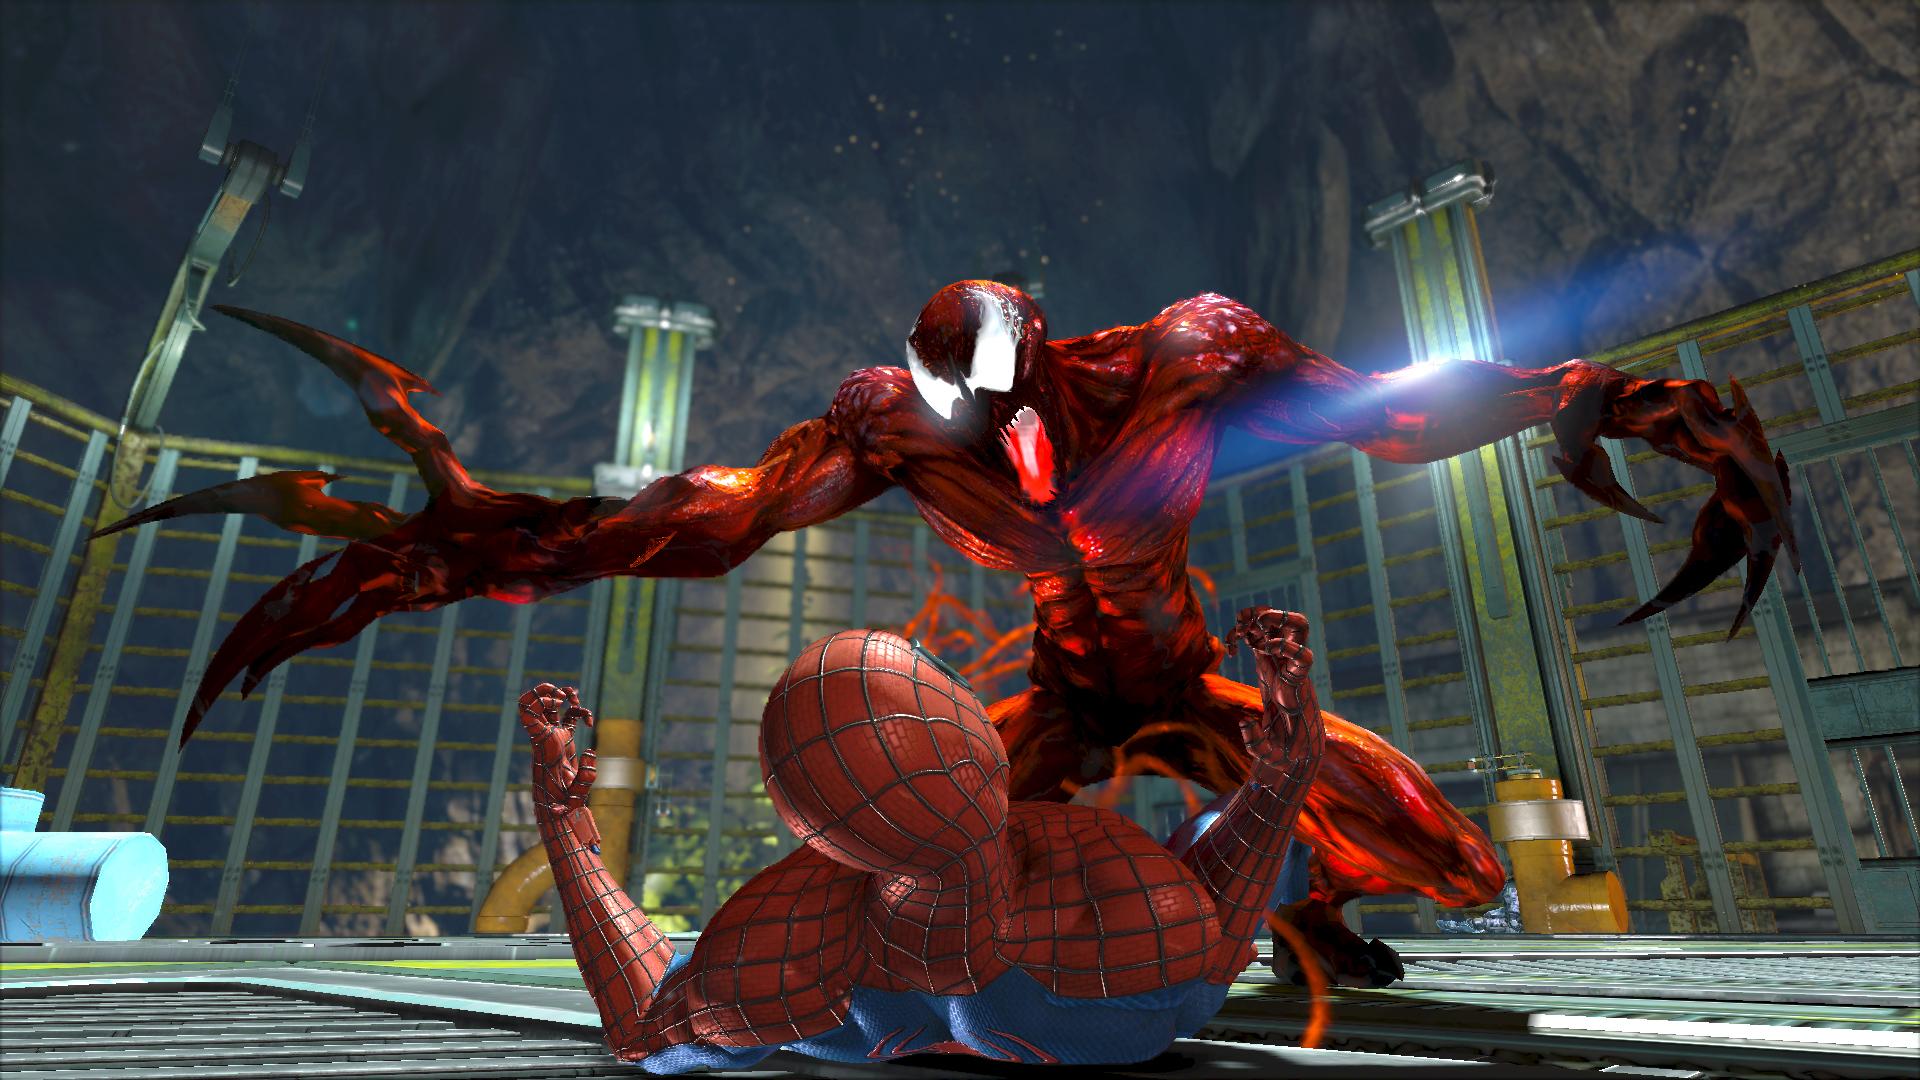 Spider-Man (русская версия) - Action - Playstation One/PS1 ( игры, образы, iso) - Скачать бесплатно - Торрент сайт - скачать игры бесплатно без регистрации